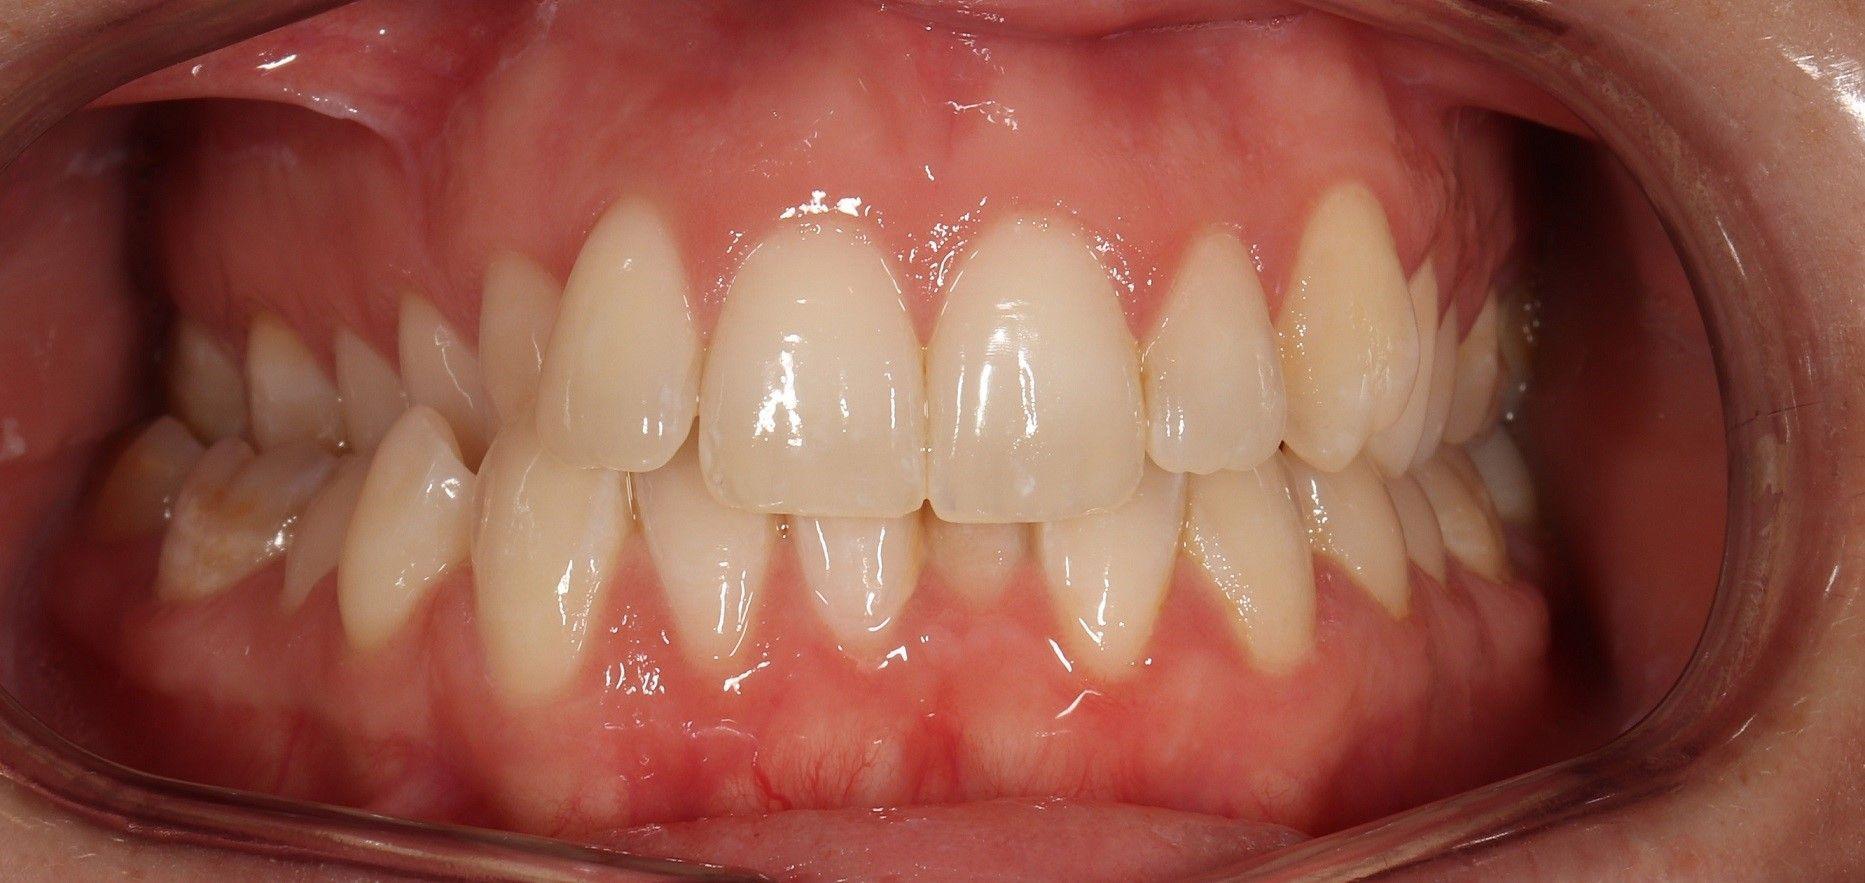 mordida cruzada ejemplo de un diente encima de otro y tratamiento